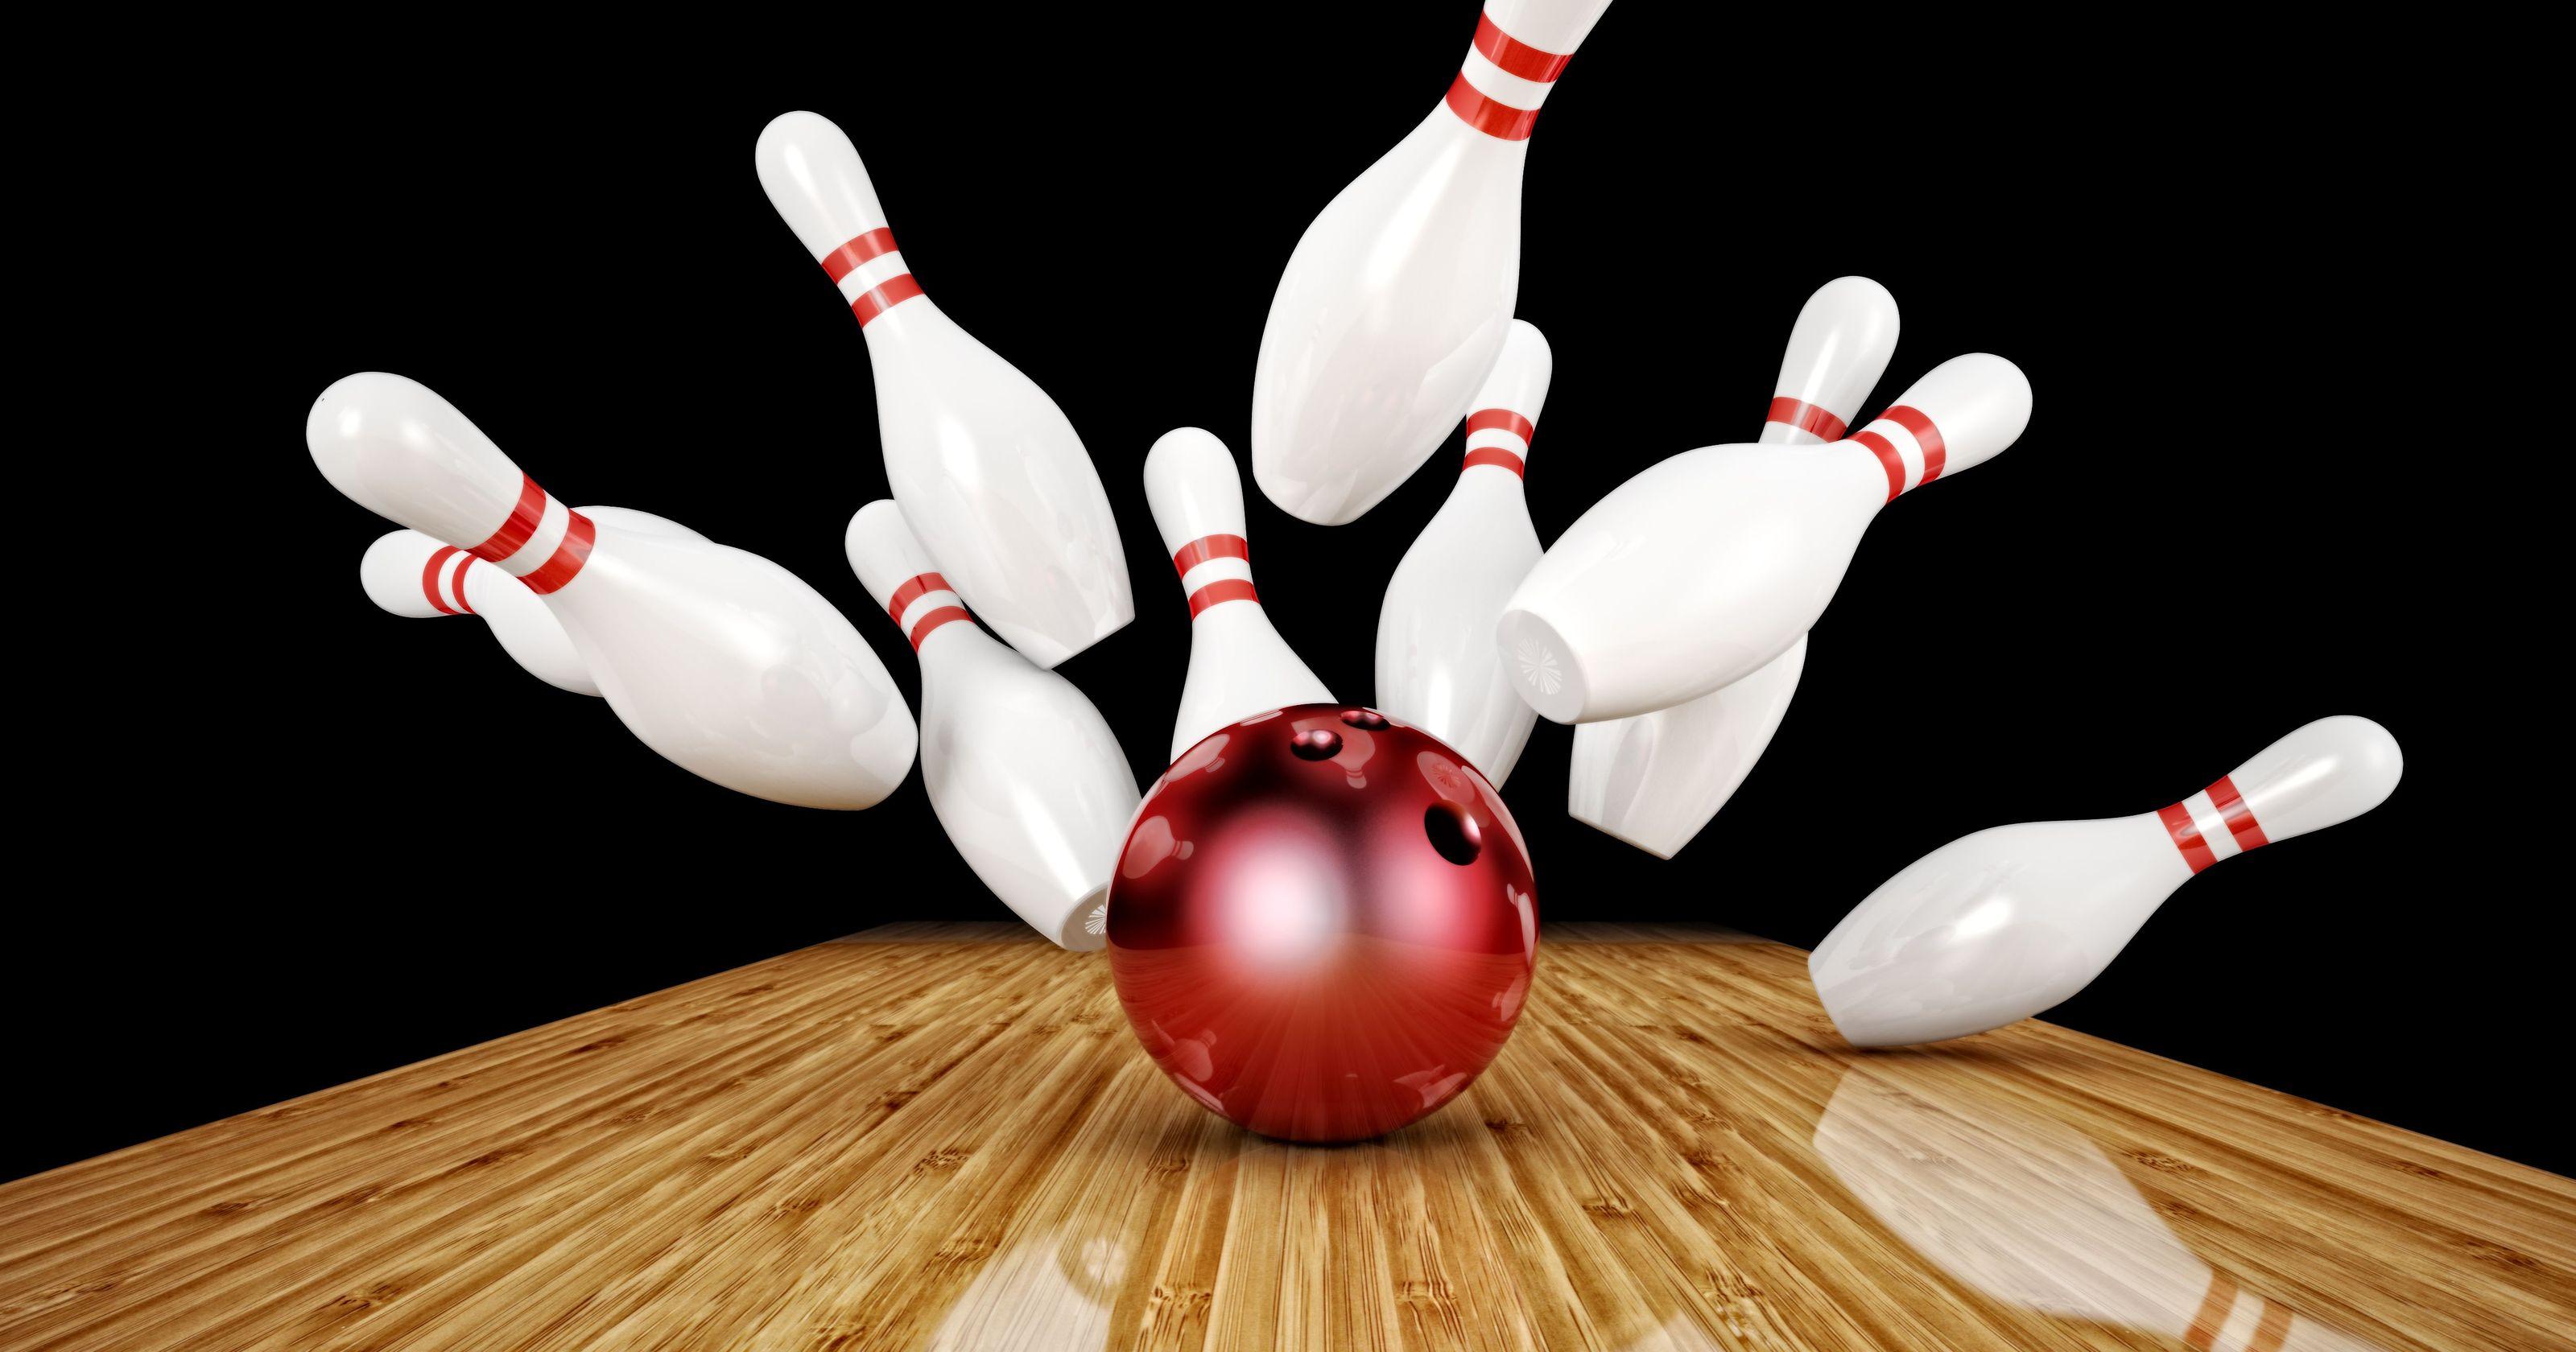 3. rahvusvahelise kurtide bowlinguvõistlus toimub 8. - 9. juunil 2019. a Tartus